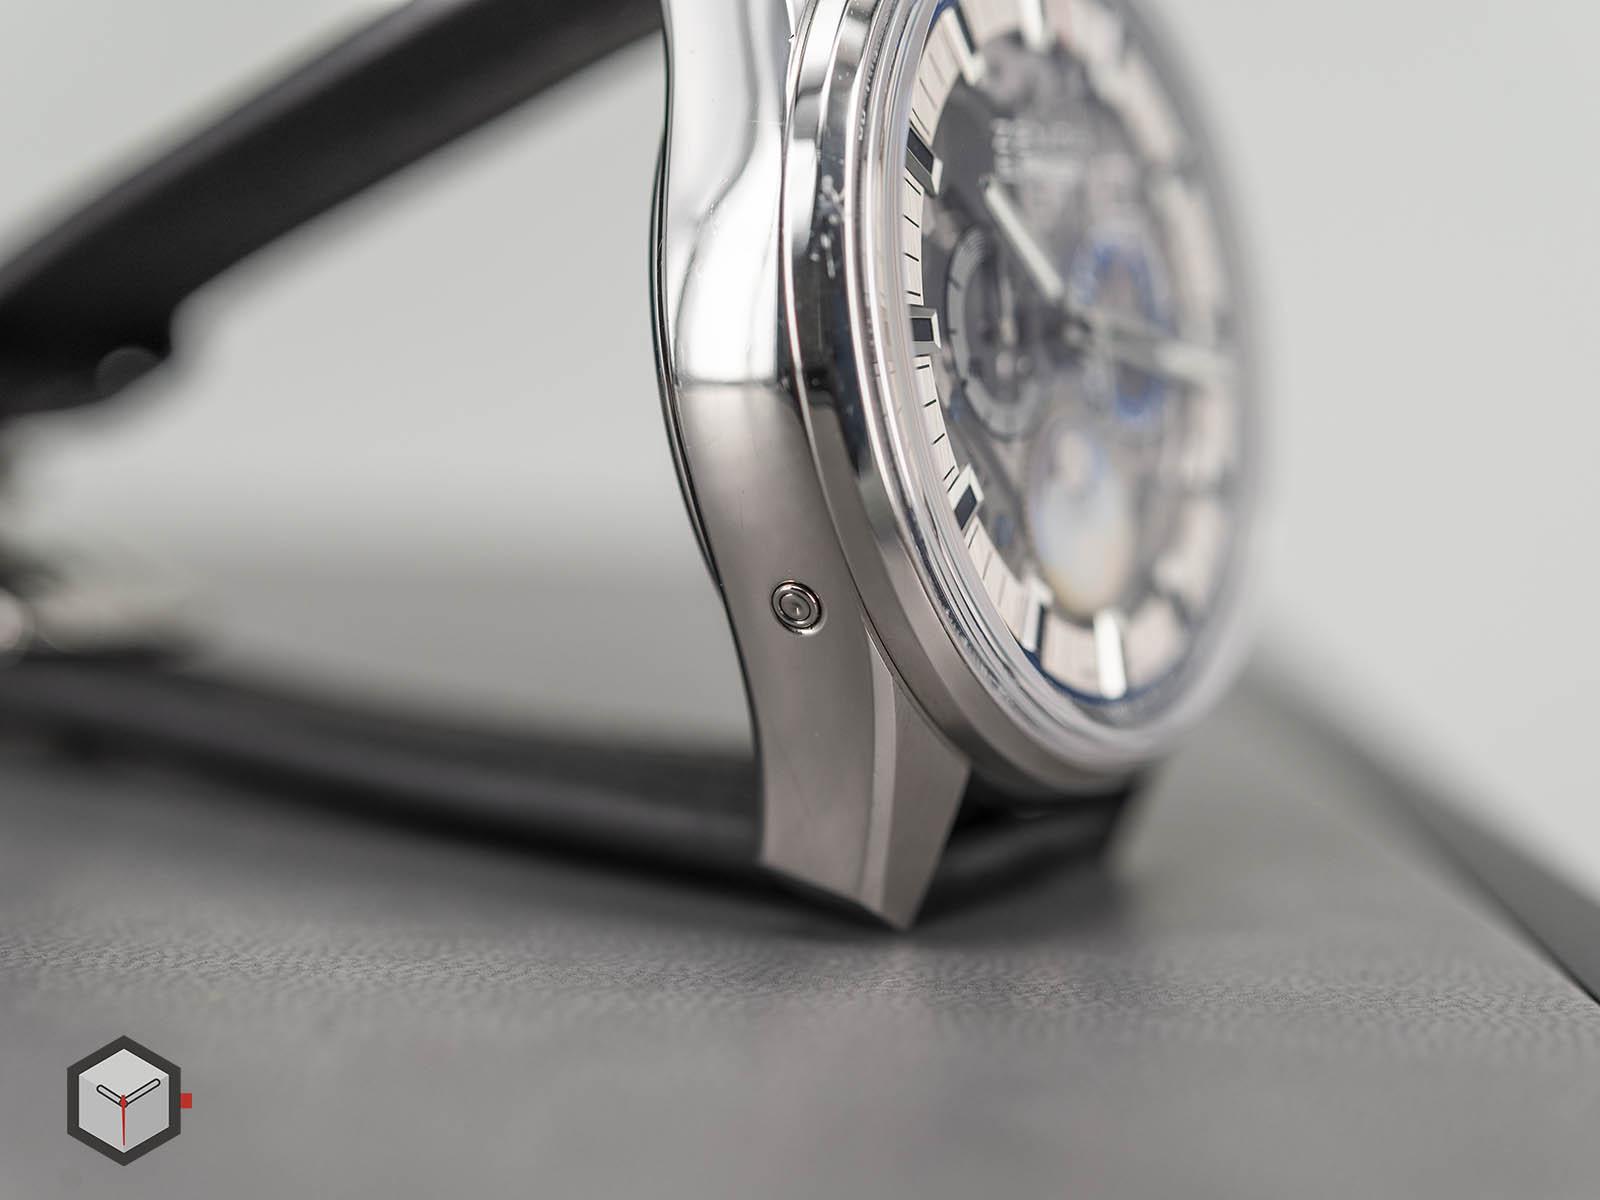 Zenith-Chronomaster-El-Primero-Grande-Date-Full-Open-6.jpg